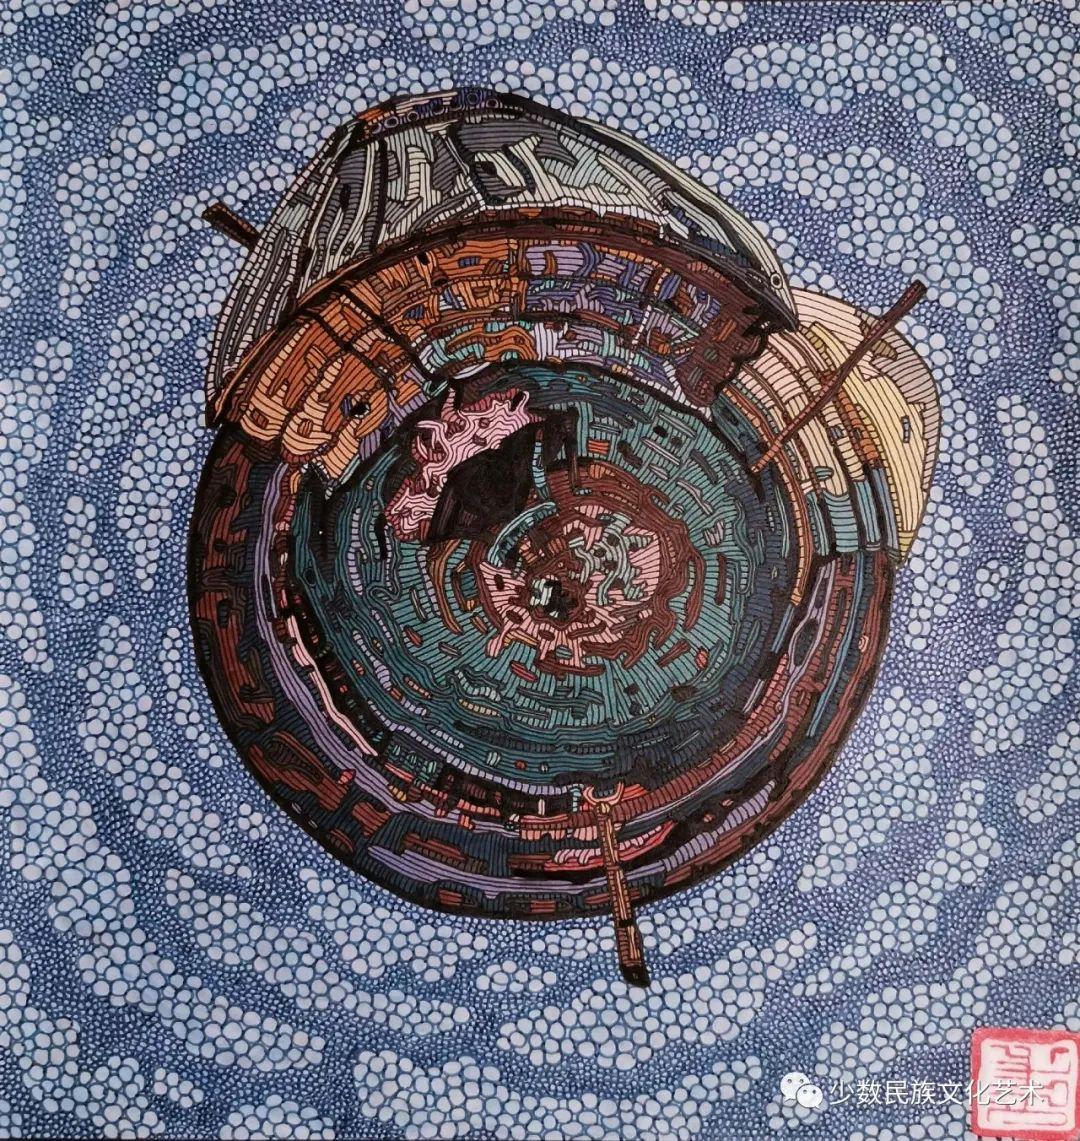 蒙古族青年画家吴智彬近作欣赏 第14张 蒙古族青年画家吴智彬近作欣赏 蒙古画廊